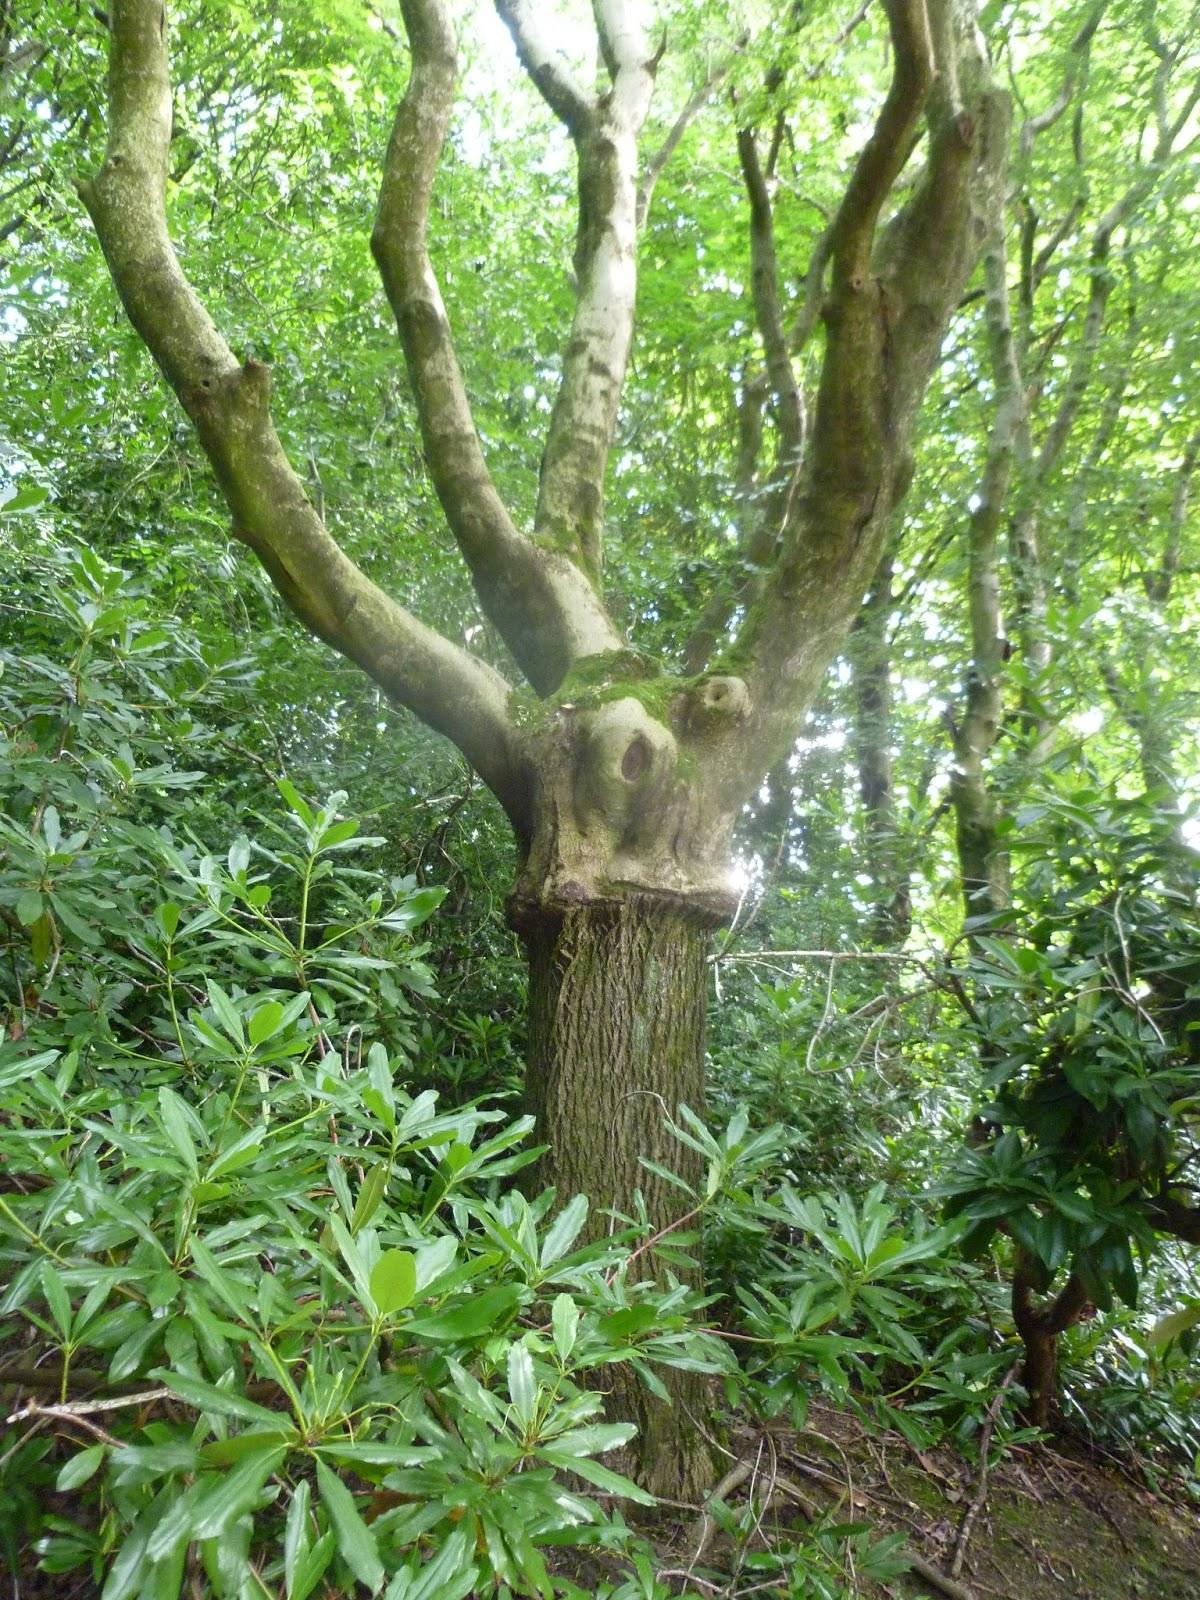 Running Delights: Tree identification